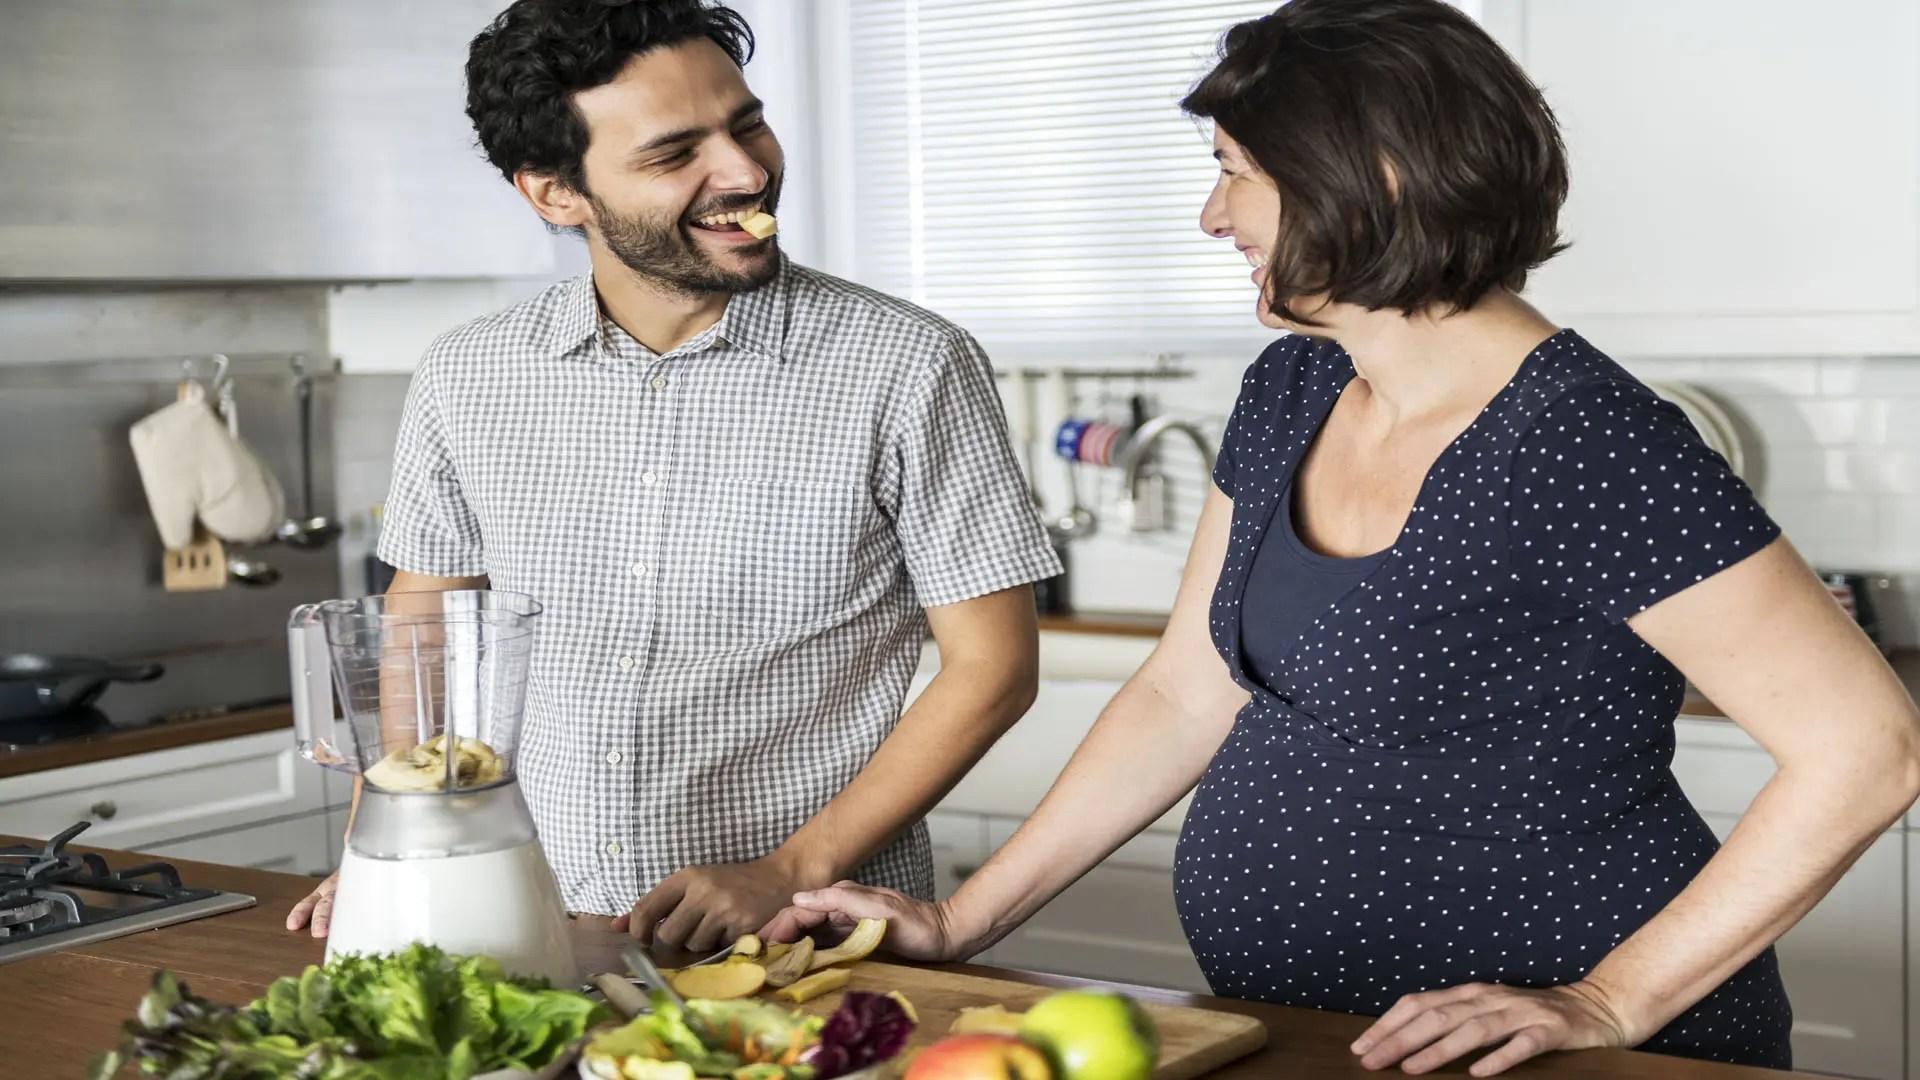 Оптимальное здоровье через генетически-эпигенетическое питание | Эль Пасо, Техас